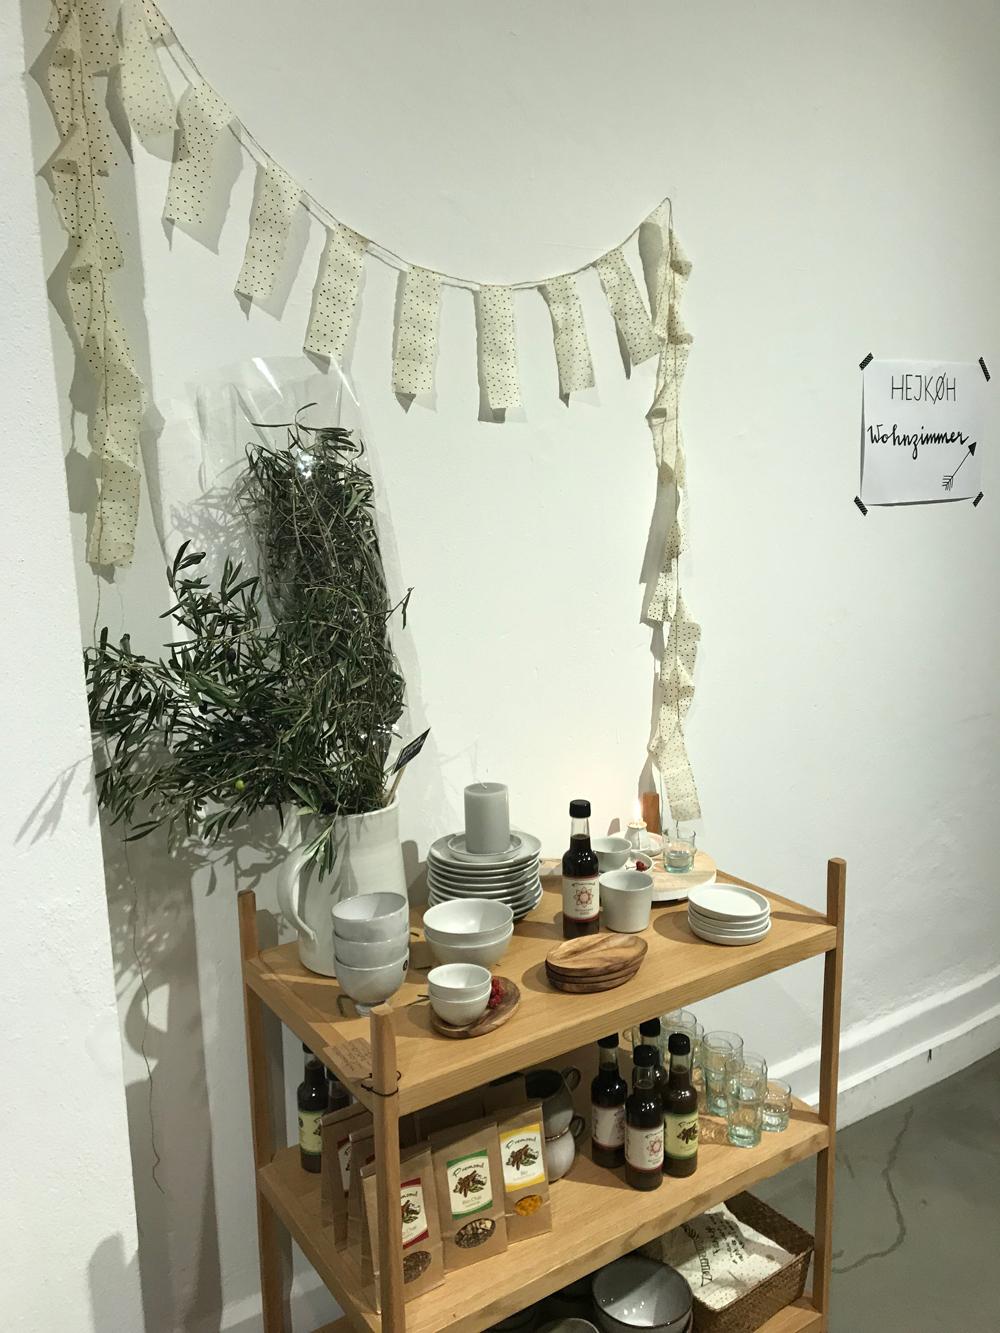 HEJKØH nennt sich das neue Lifestyle-Mekka in Basel, welches die beiden Begründerinnen Daniela Witzig und Claudine Kuhn-Köhler mit «ein bisschen Concept Store, ein bisschen Café, ein bisschen Boutique, ein bisschen Wohnzimmer und ein bisschen Atelier» umschreiben.